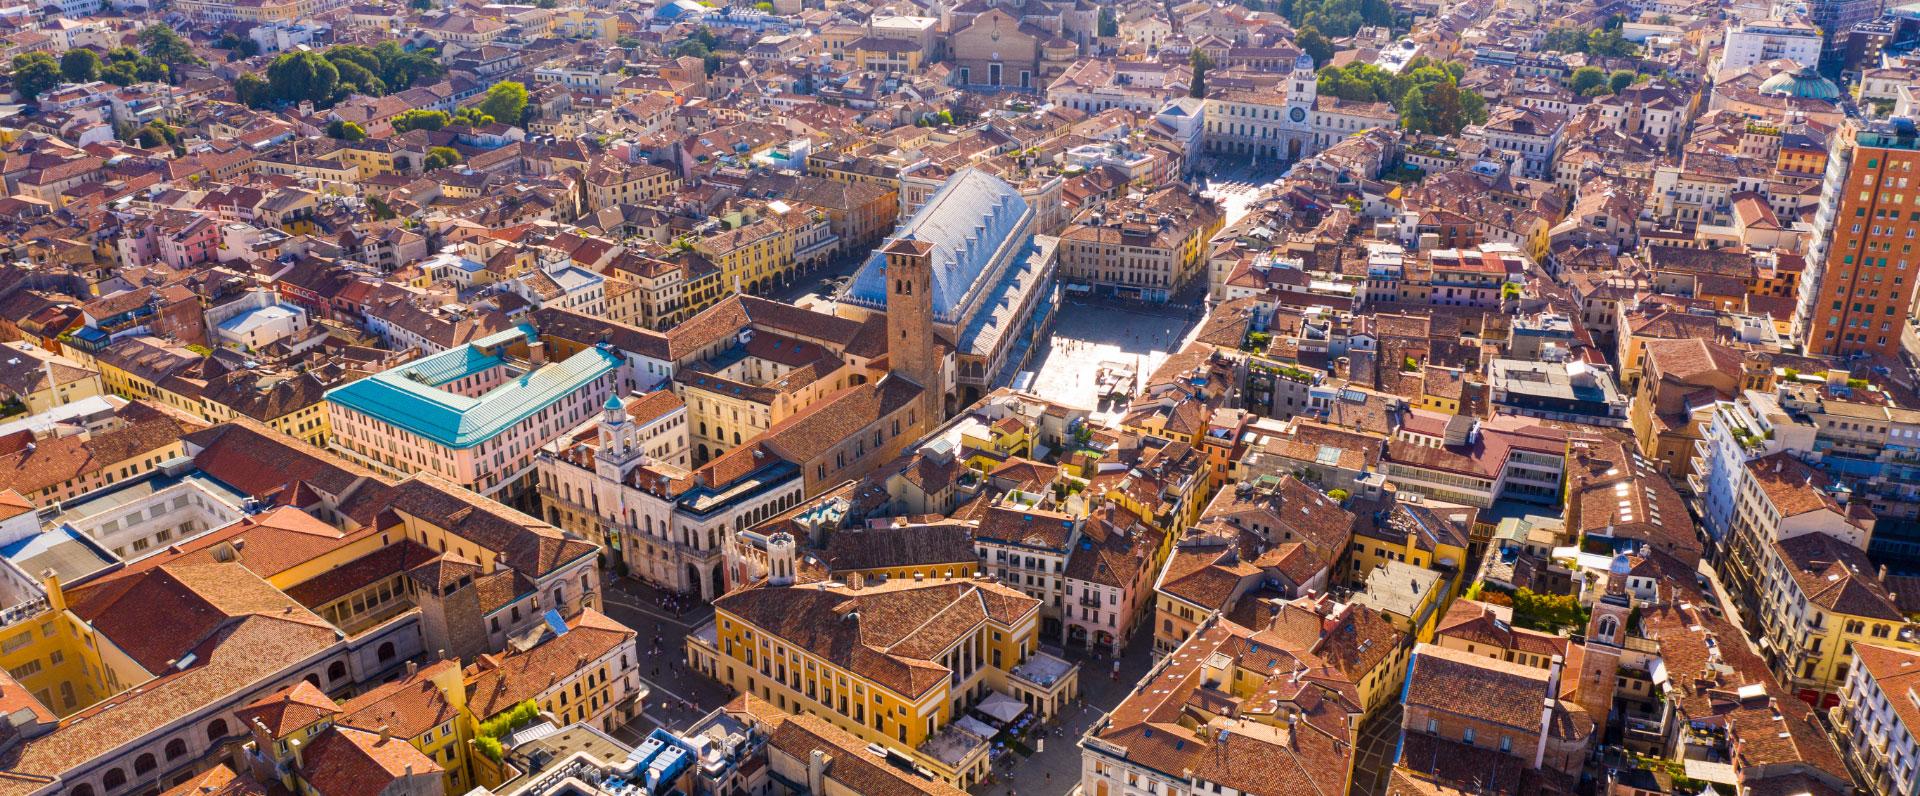 APS Holding Padova servizi per la città intelligente